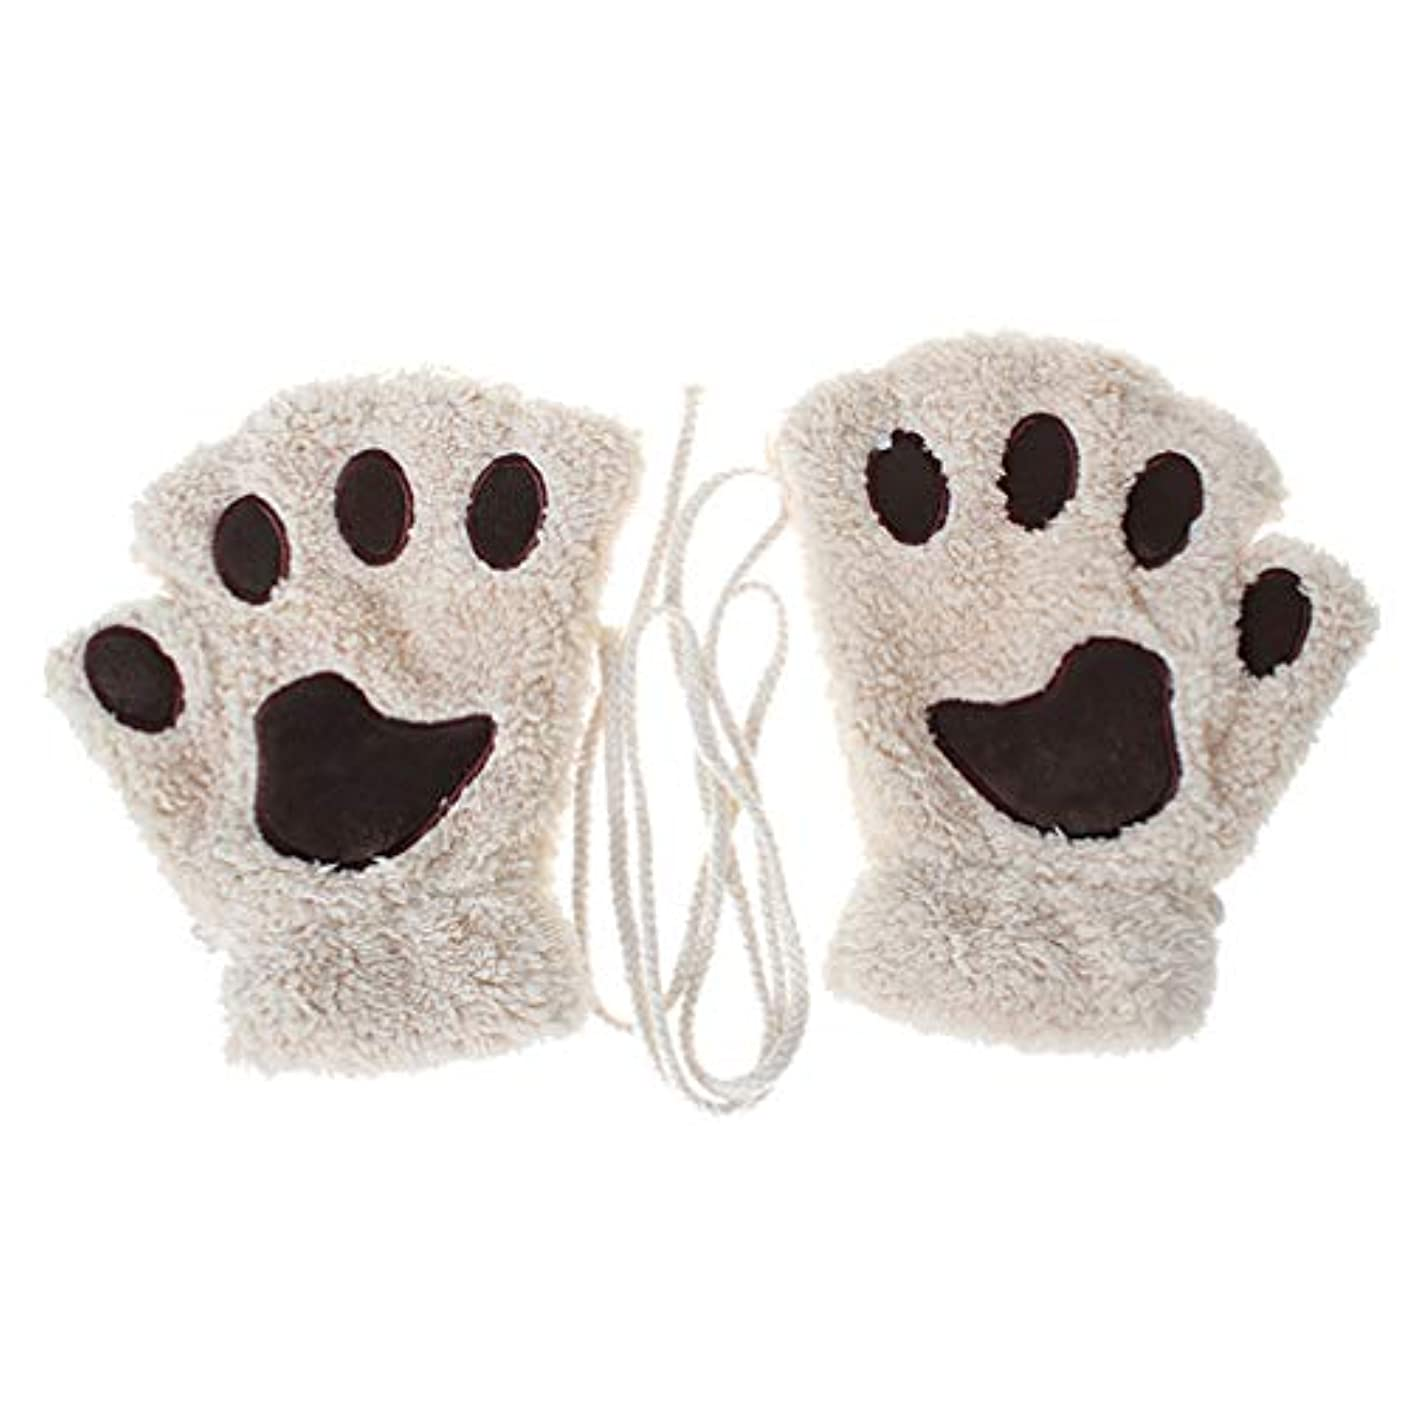 悪の警察署に対してToporchid 冬の厚く暖かいハーフフィンガーグローブかわいい女性のぬいぐるみ子猫の爪手袋